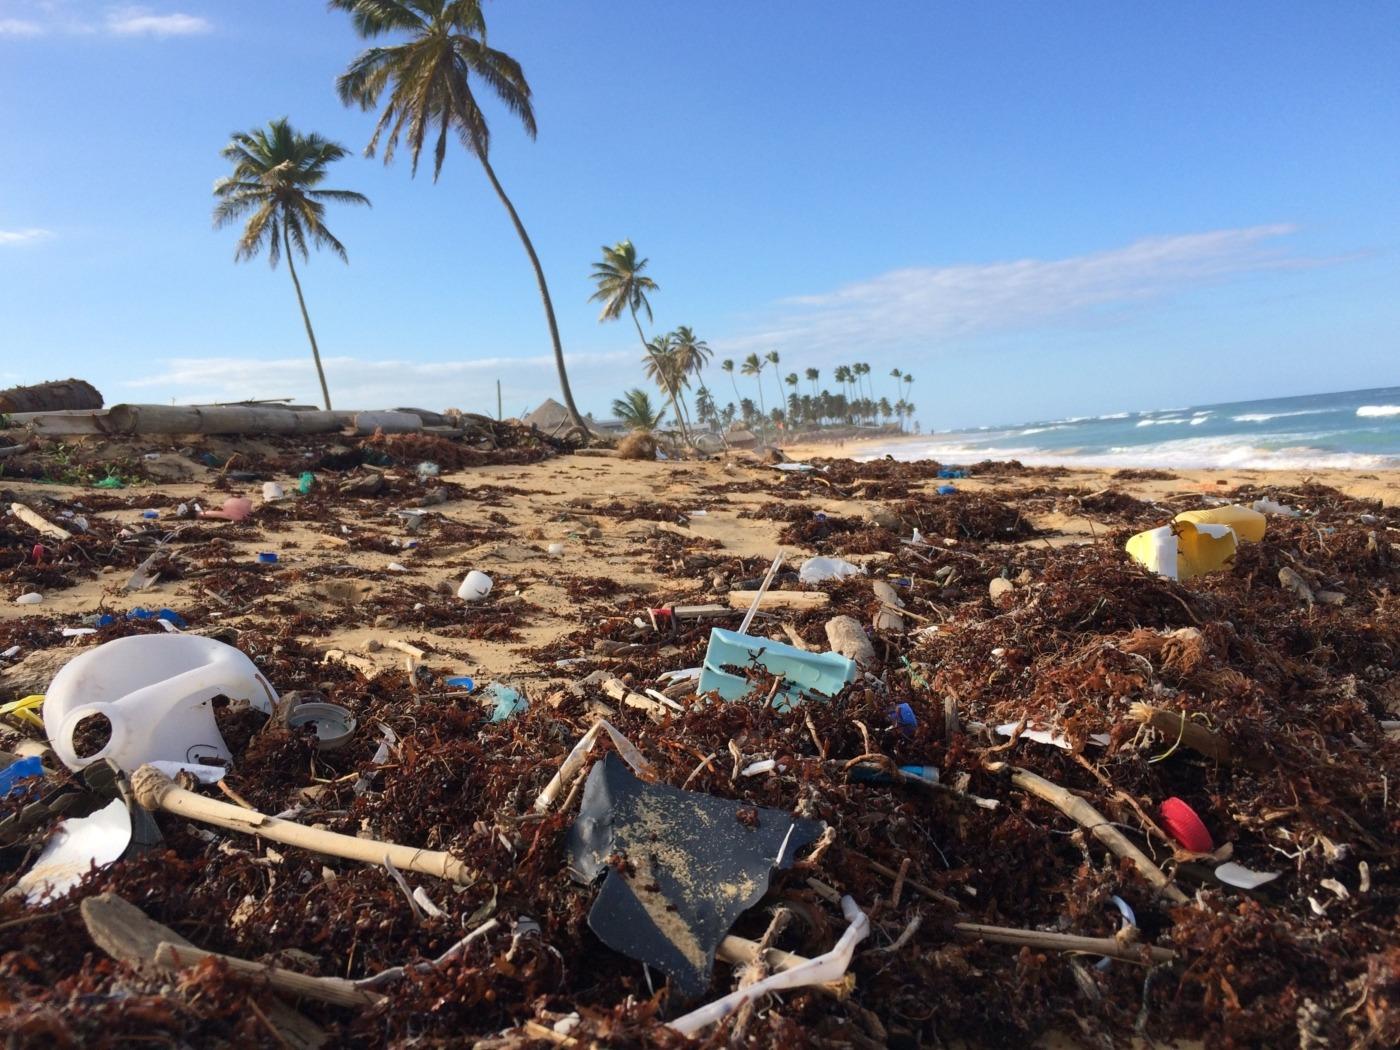 Islands plastic